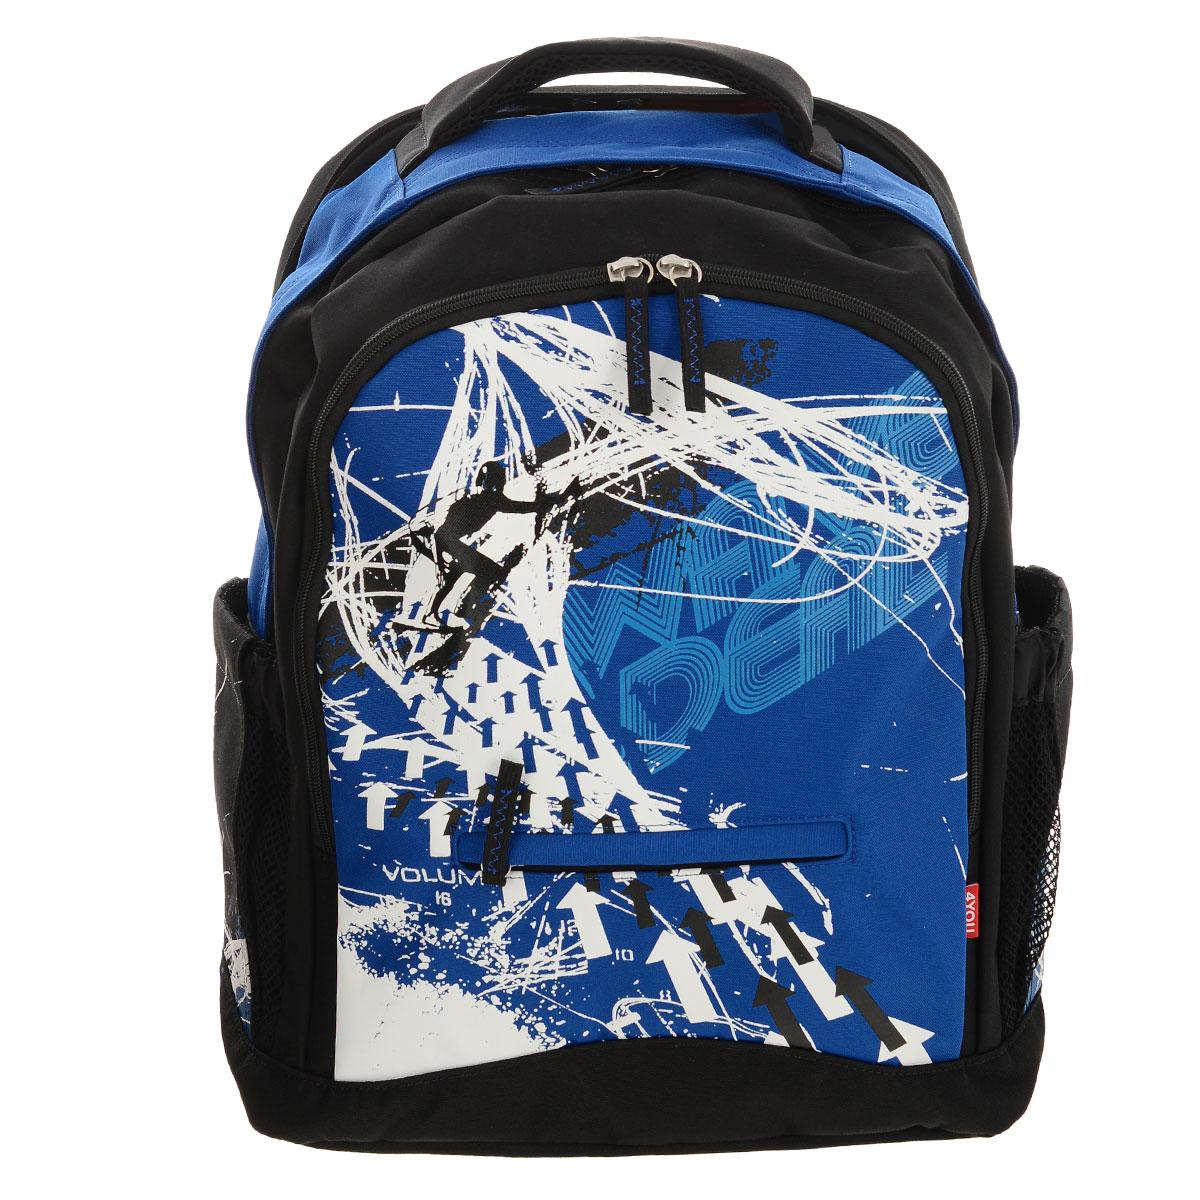 Рюкзак 4You Волна, цвет: черный, синий72523WDШкольный рюкзак 4You Волна станет надежным спутником в получении знаний. Он выполнен из прочного водоотталкивающего материала, вместительных отделений и дополнительной секции, закрывающихся на застежки-молнии с двумя бегунками. Внутри одного из отделений находится вместительный карман, сверху стянутый резинкой. Заднее отделение предназначено для переноски ноутбука с максимальной диагональю экрана 15 дюймов. Снаружи, на лицевой стороне размещен маленький накладной карман на молнии.Внутри дополнительной секции находятся карман, закрывающийся на молнию, большой карман без застежки, небольшой кармашек с мягкой внутренней поверхностью, кармашек для телефона с хлястиком на липучке, три фиксатора для пишущих принадлежностей и подвешенный сверху на текстильный ремешок карабин для ключей. На внешней стороне секции расположен небольшой прорезной кармашек для мелочей, закрывающийся на застежку-молнию. Бегунки на застежках дополнены удобными текстильными держателями. По бокам рюкзака расположены два внешних полусетчатых кармана, стянутых сверху резинками.Удобная спинка дополнена ортопедическими вставками со специальным пропускающим воздух и впитывающим влагу материалом. Рюкзак оснащен плечевыми ремнями, мягкой текстильной ручкой для переноски в руке и съемным ремнем для фиксации на поясе. Широкие мягкие лямки регулируются по длине и равномерно распределяют нагрузку на плечевой пояс.